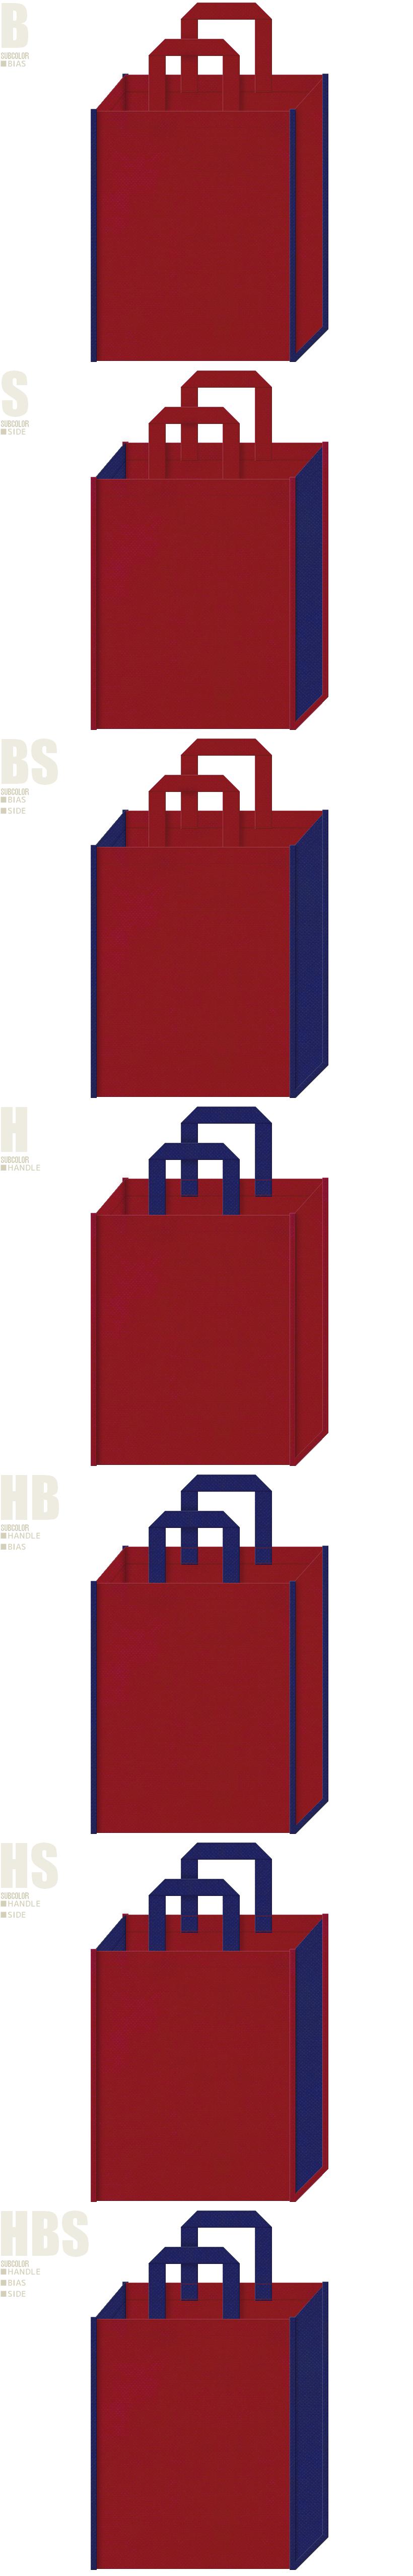 デニム・カジュアルのショッピングバッグにお奨めの不織布バッグデザイン:エンジ色と明るい紺色の配色7パターン